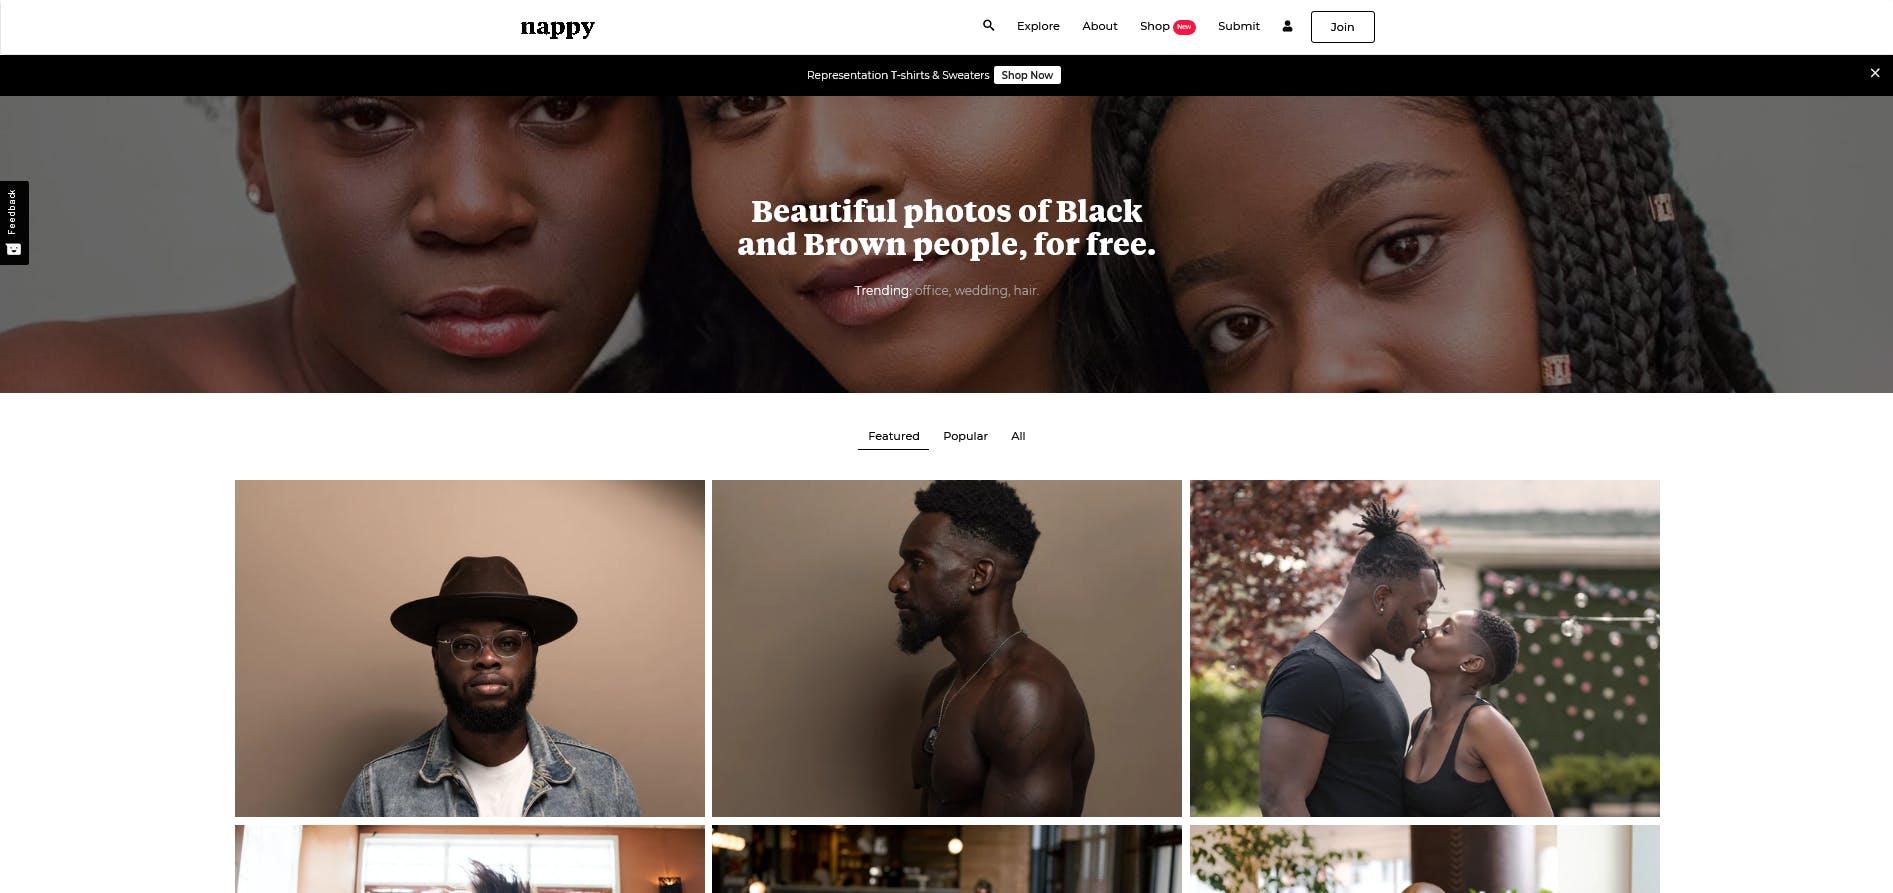 Screenshot 2021-04-29 at 21-05-55 Nappy Beautifully Diverse Stock Photos.png